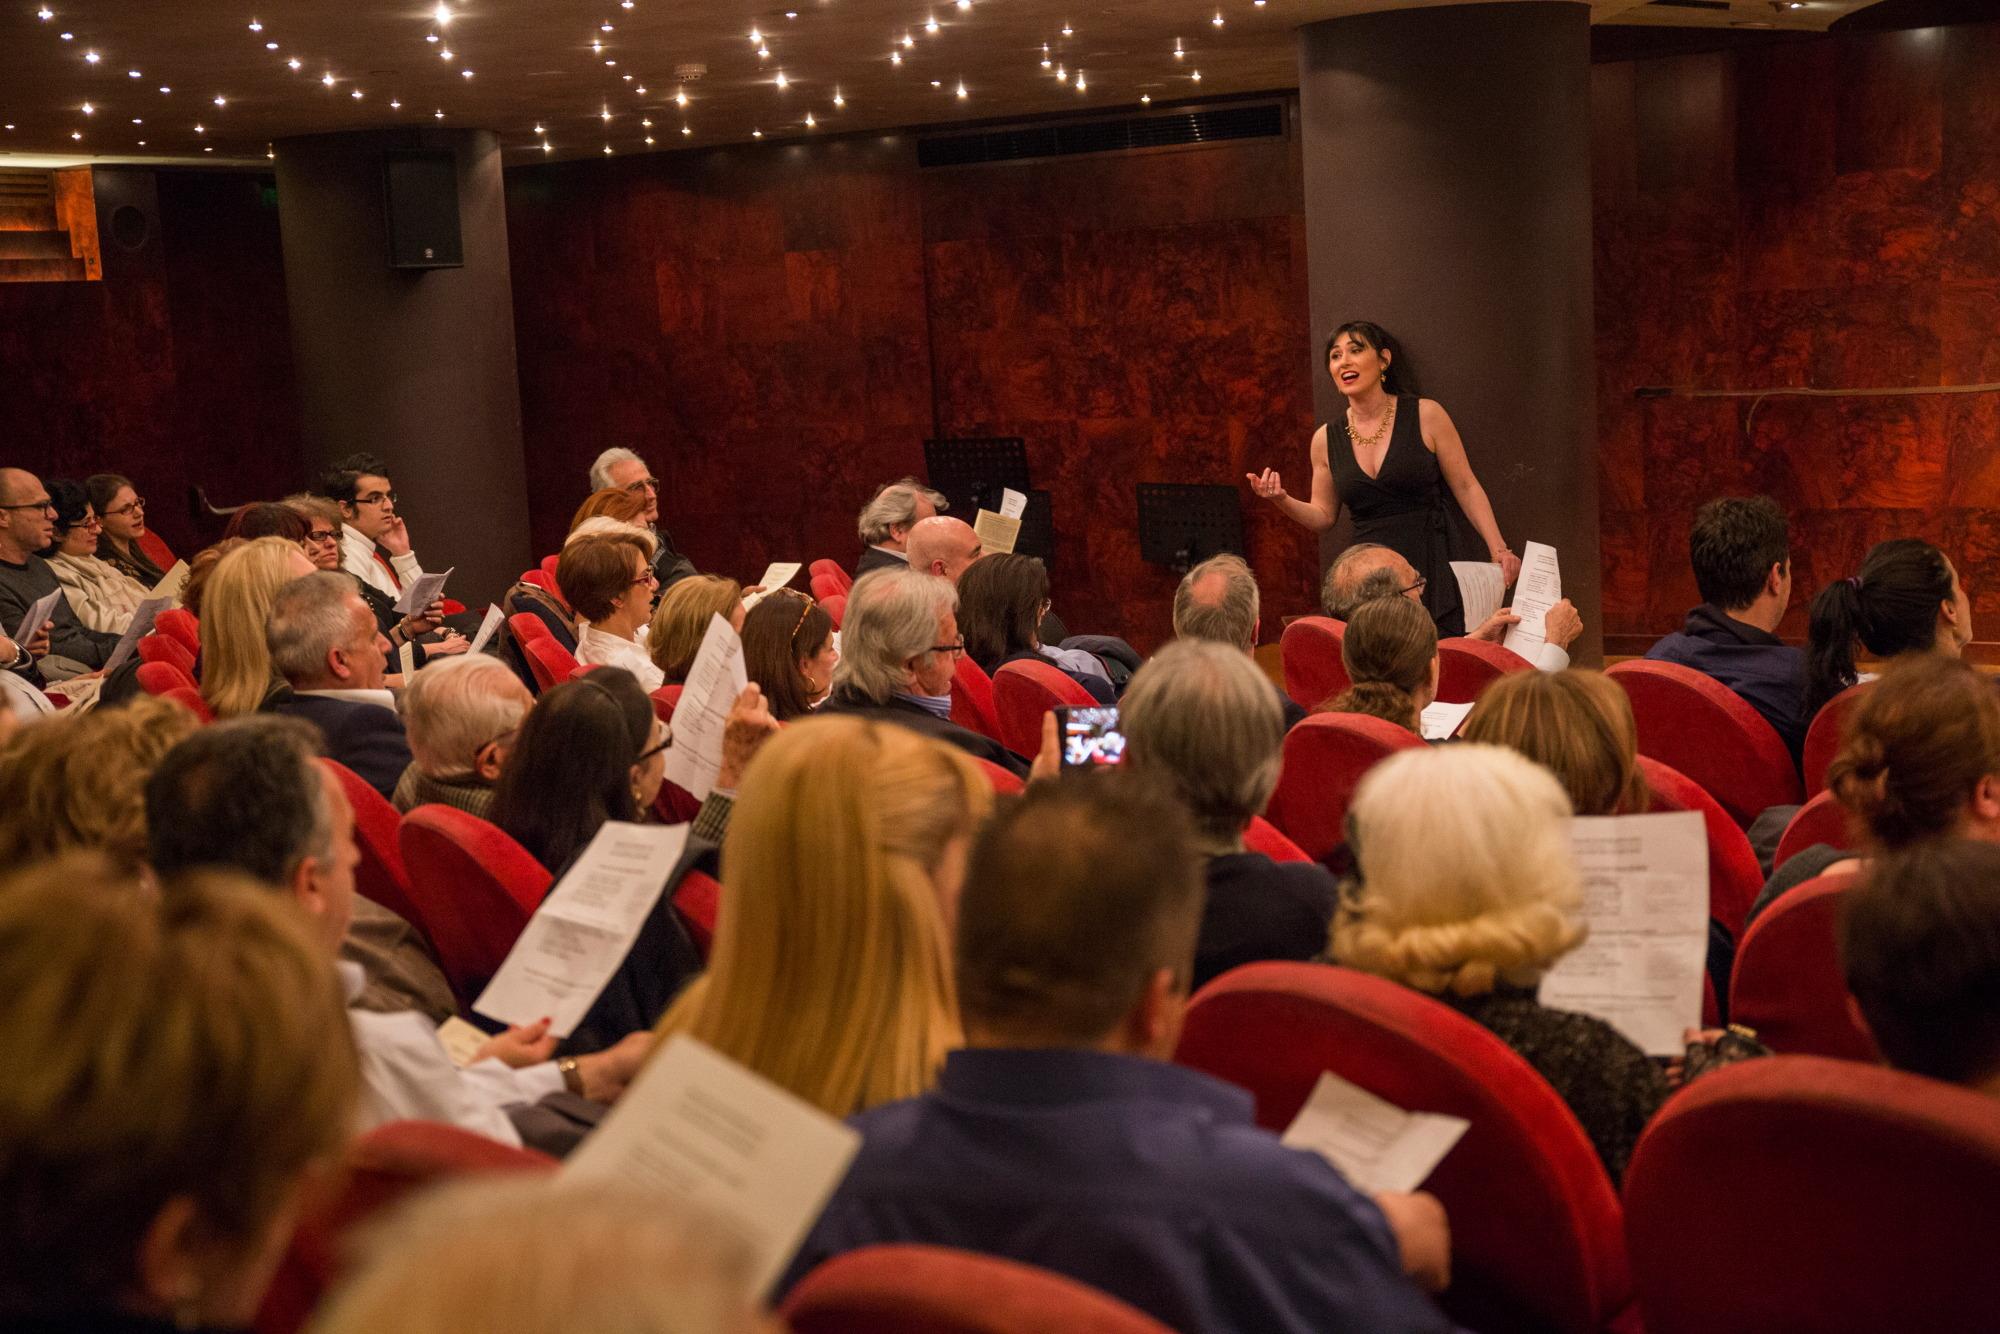 Συμμετοχική Όπερα: Οι Μεγάλες Άριες της Όπερας | Για παιδιά 8-15 ετών και ενήλικες